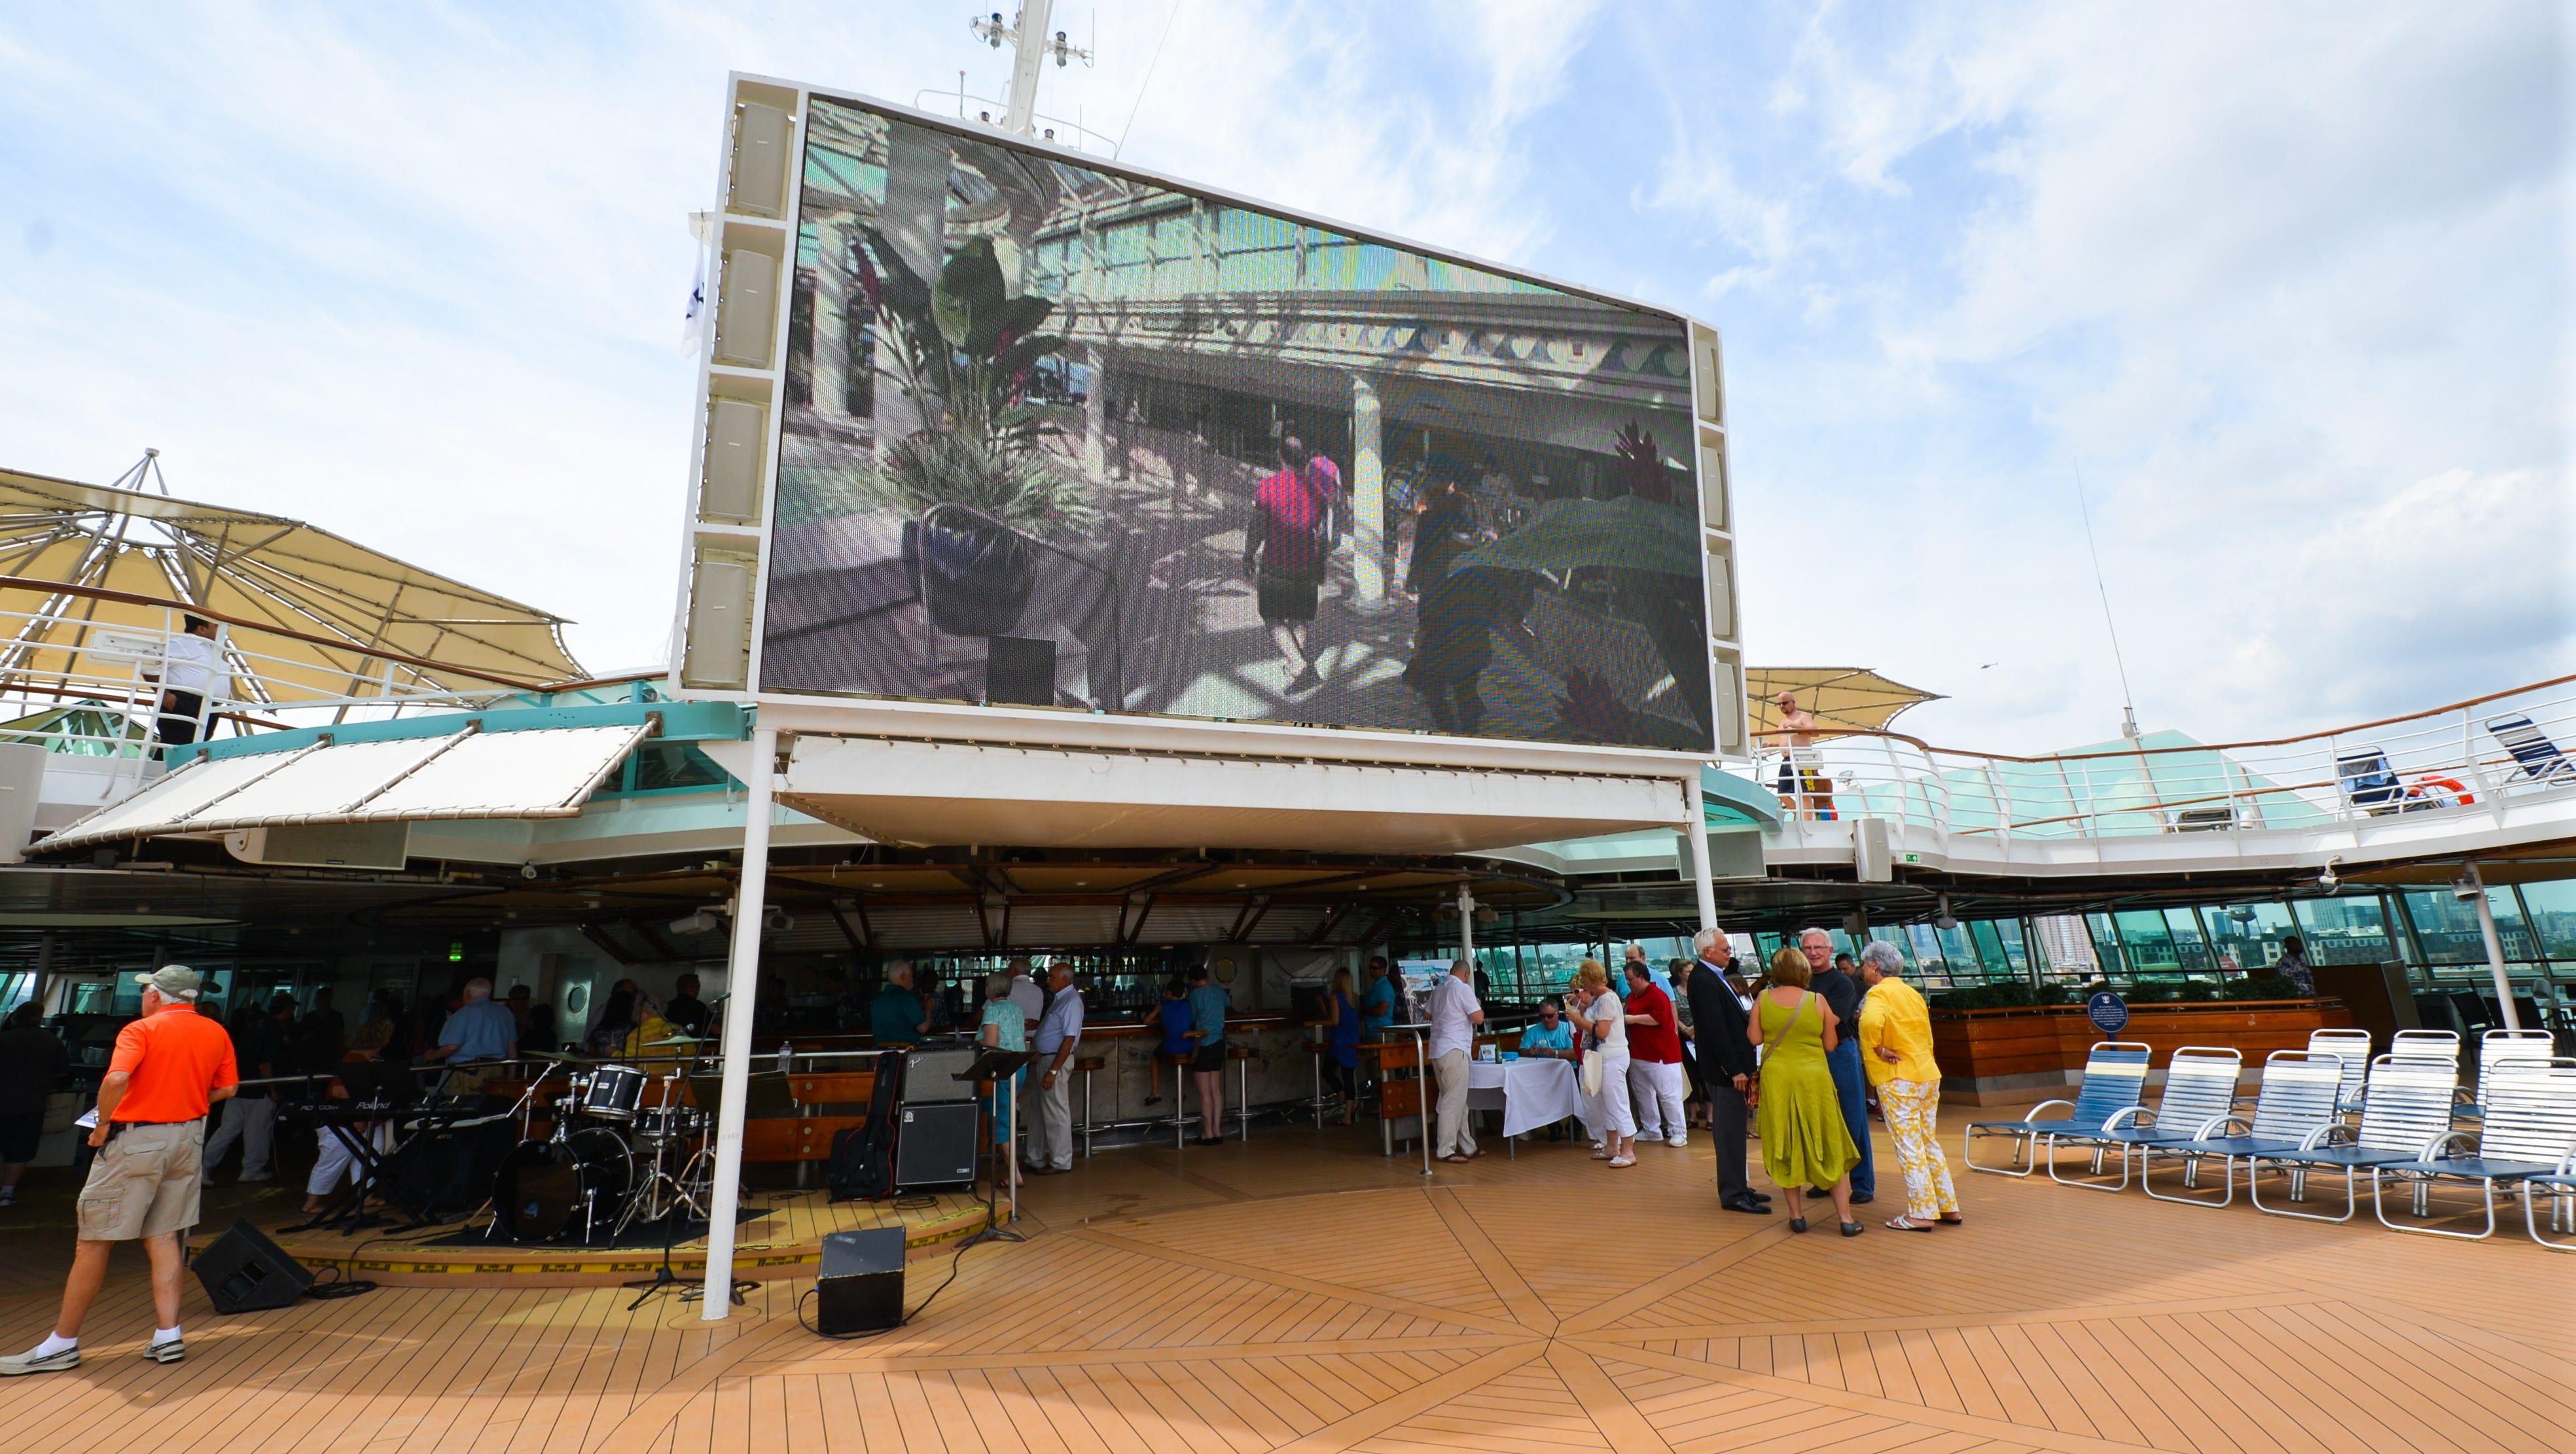 New on Grandeur of the Seas' top decks is a 220-square-foot poolside movie screen.